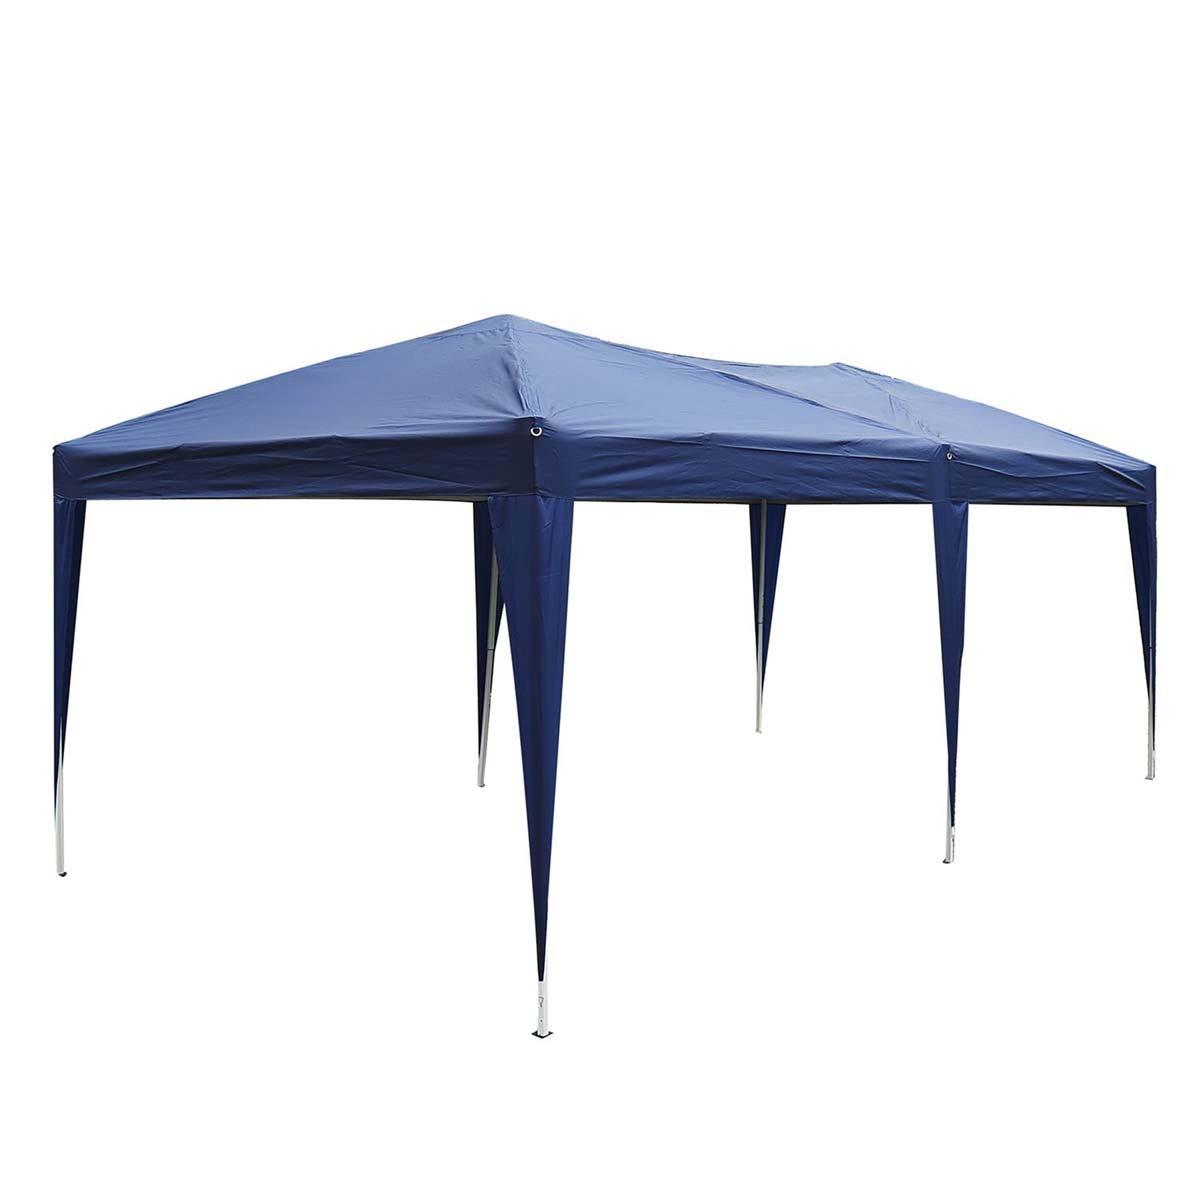 Outsunny 6 x 3m Garden Gazebo - Blue